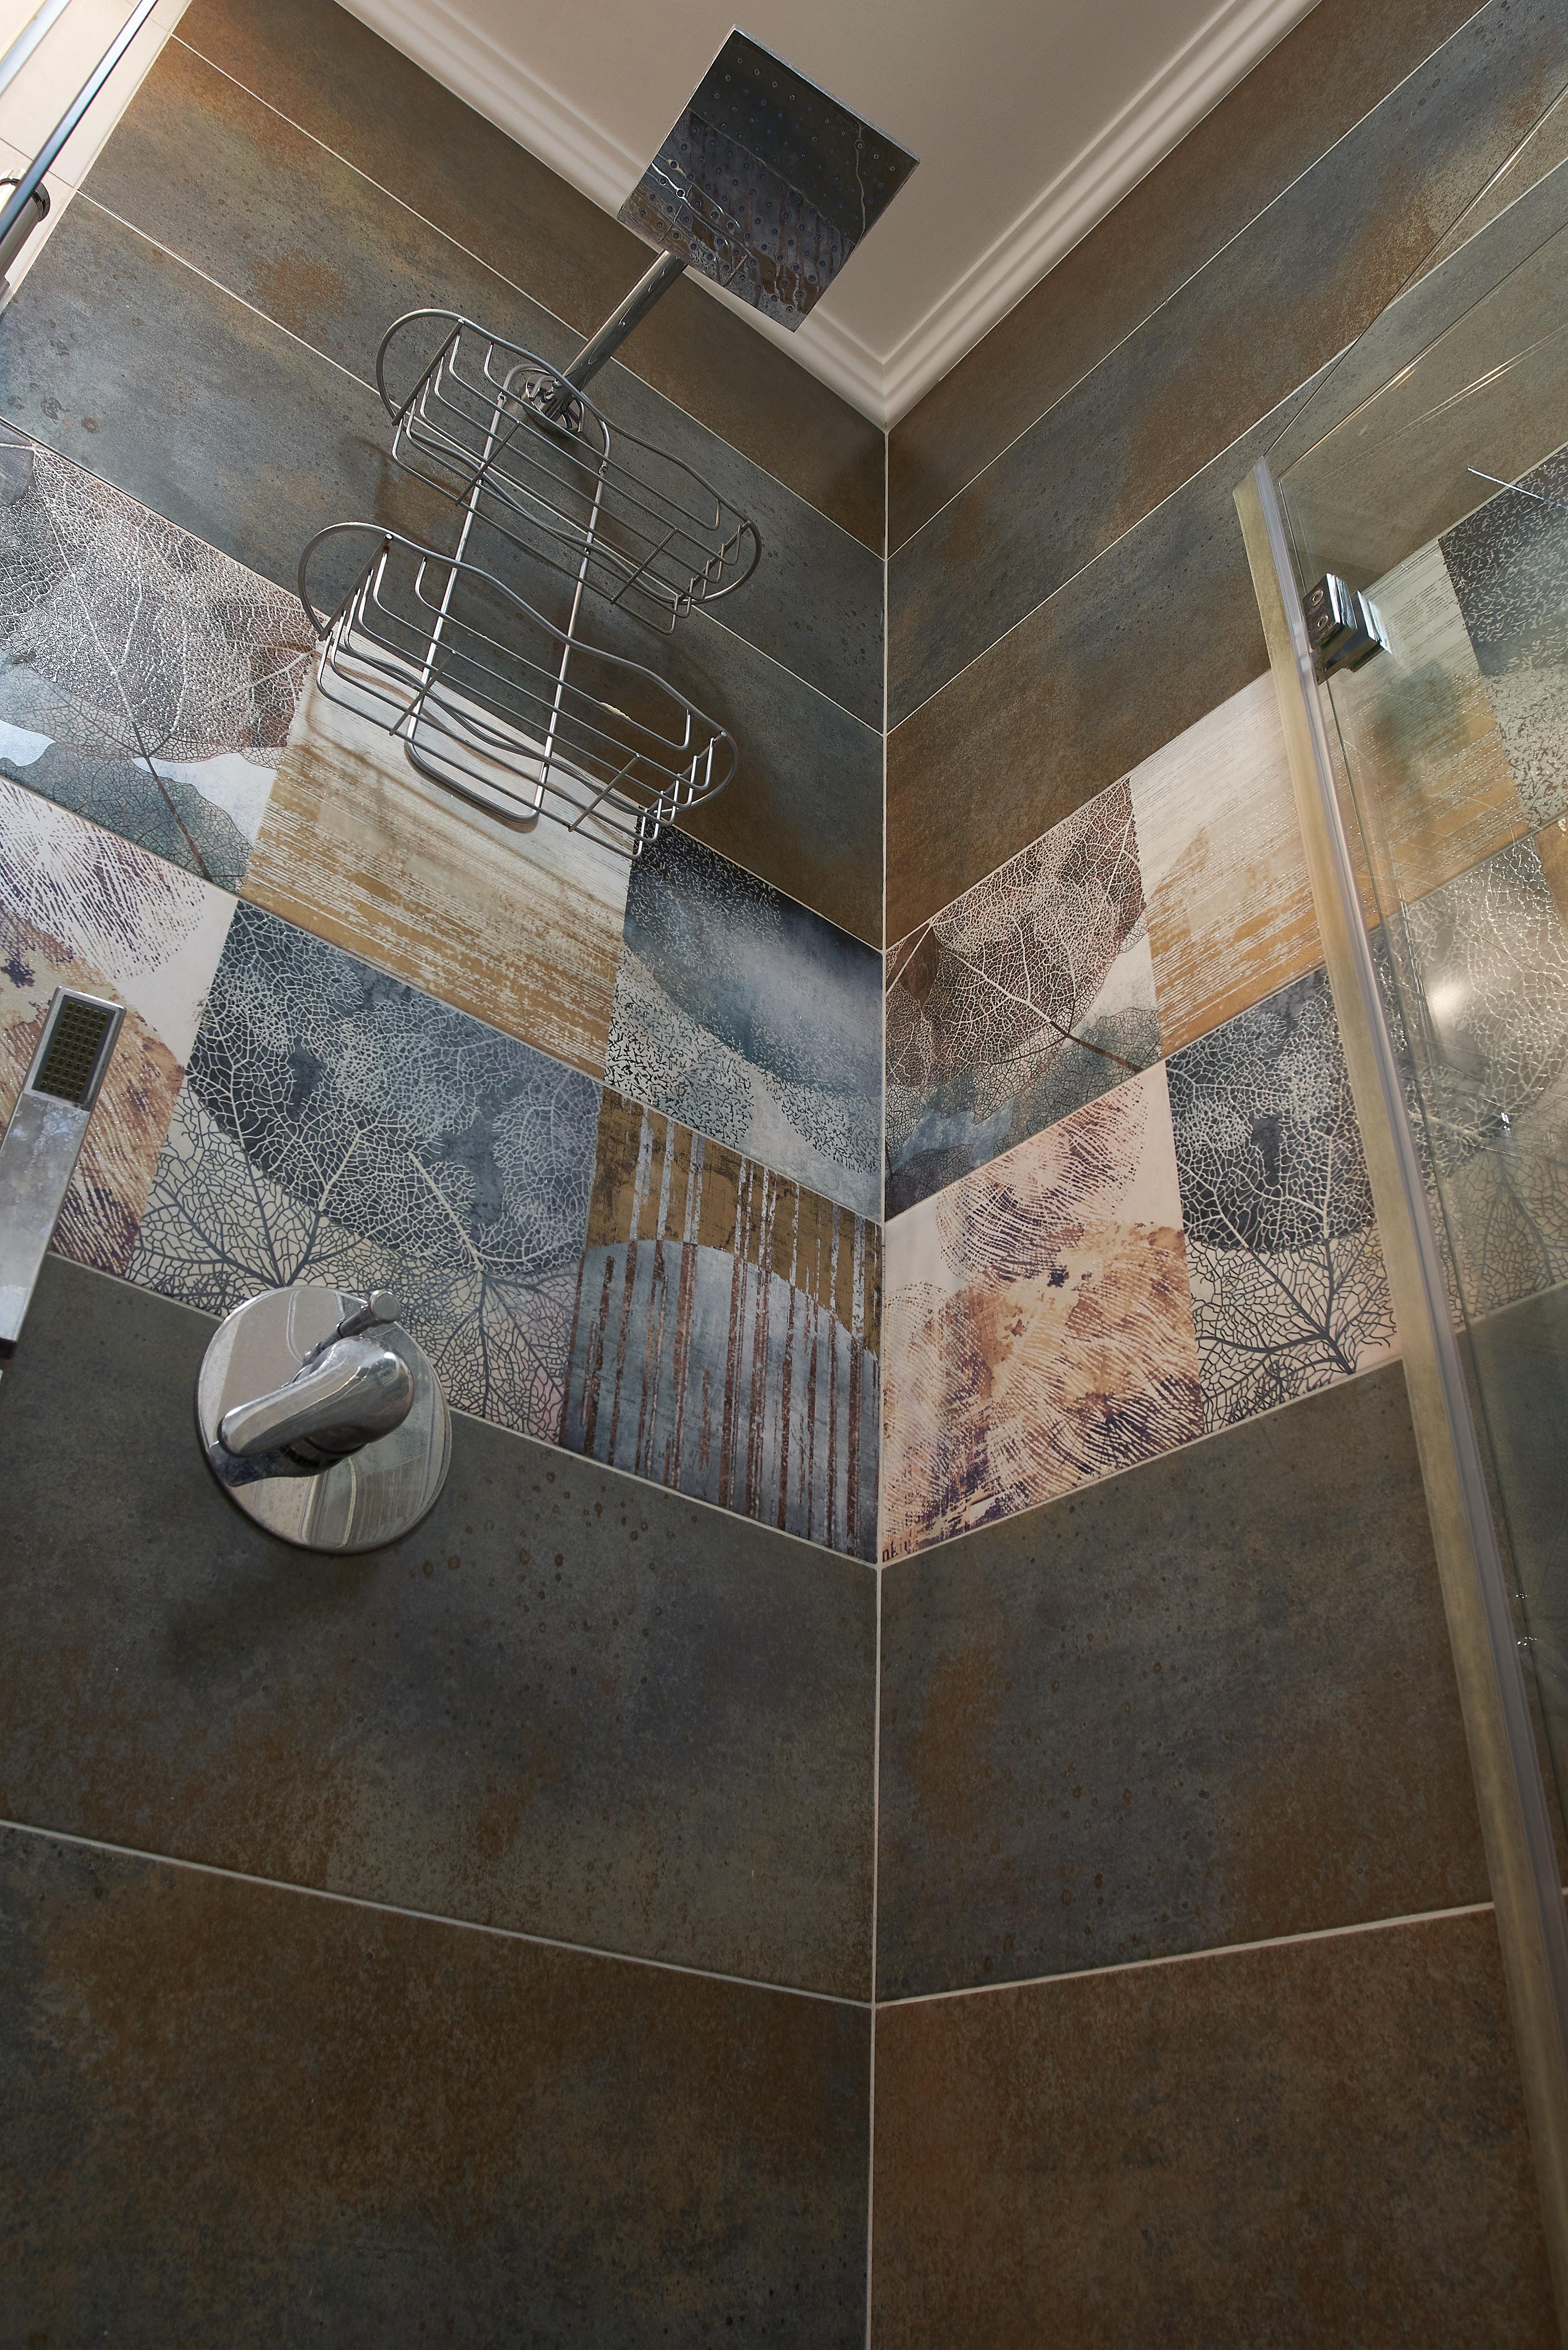 Bathroom wall ceramic decor